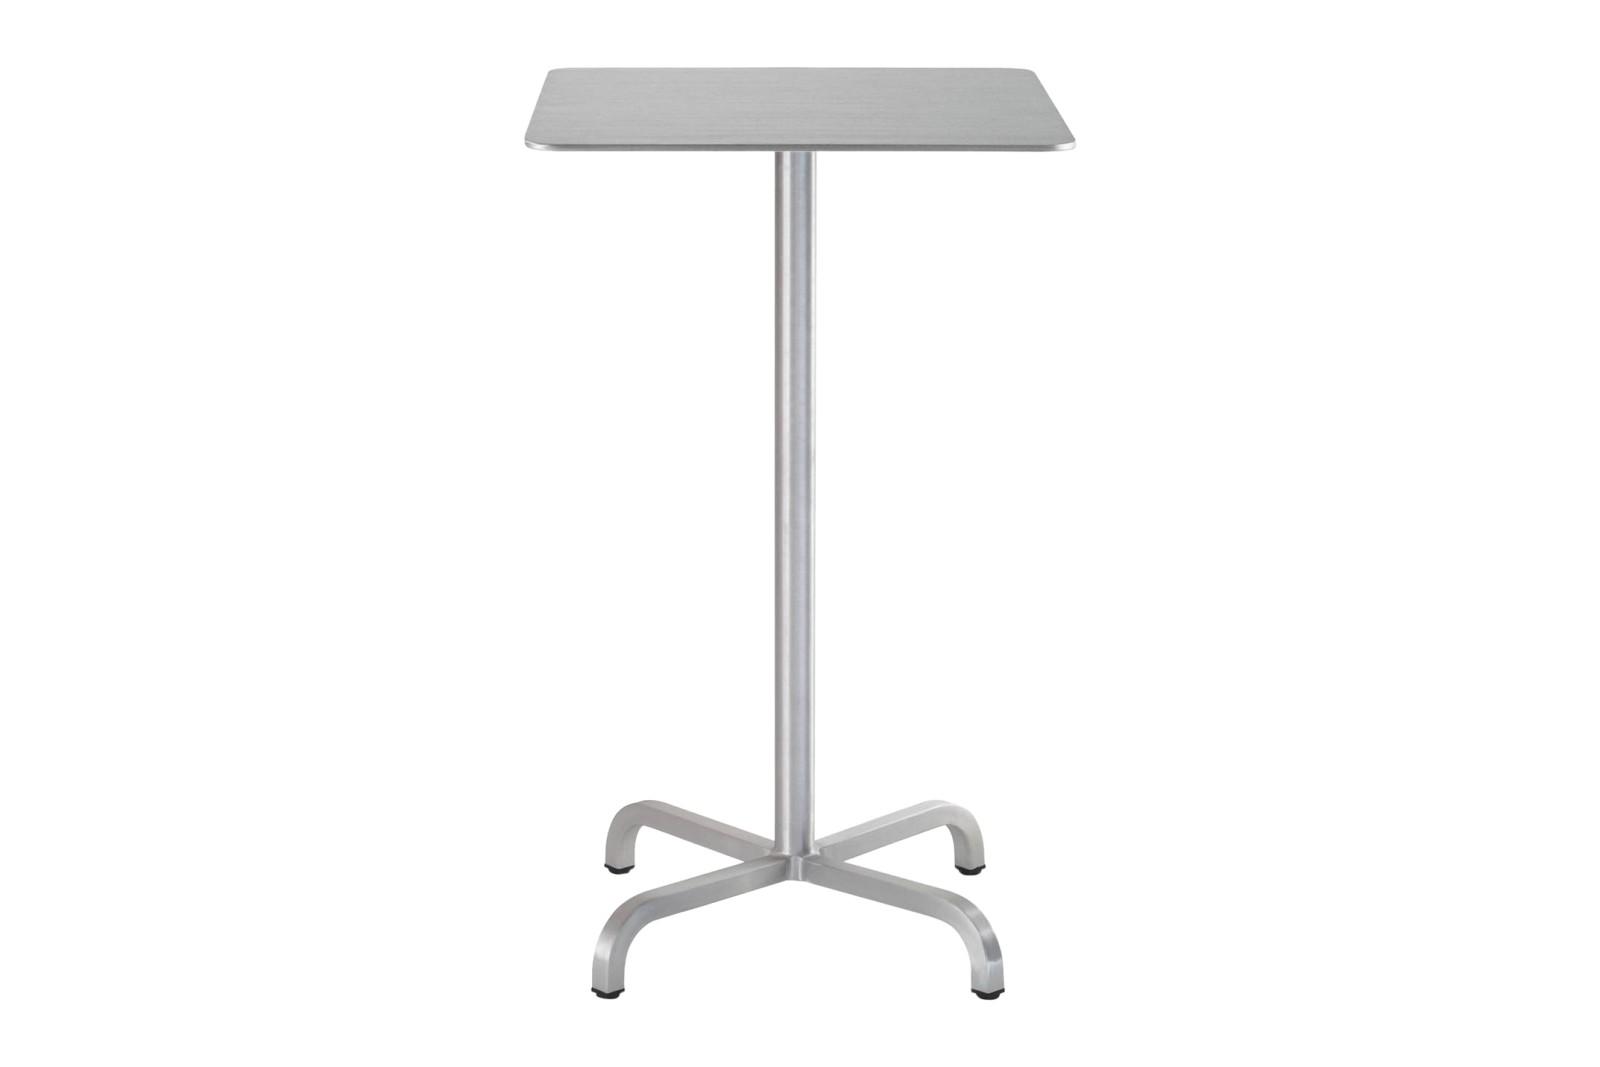 20-06 Square Bar-Height Table Brushed Aluminium, Top Matt Aluminium Edge, 106 x 60 x 60 cm